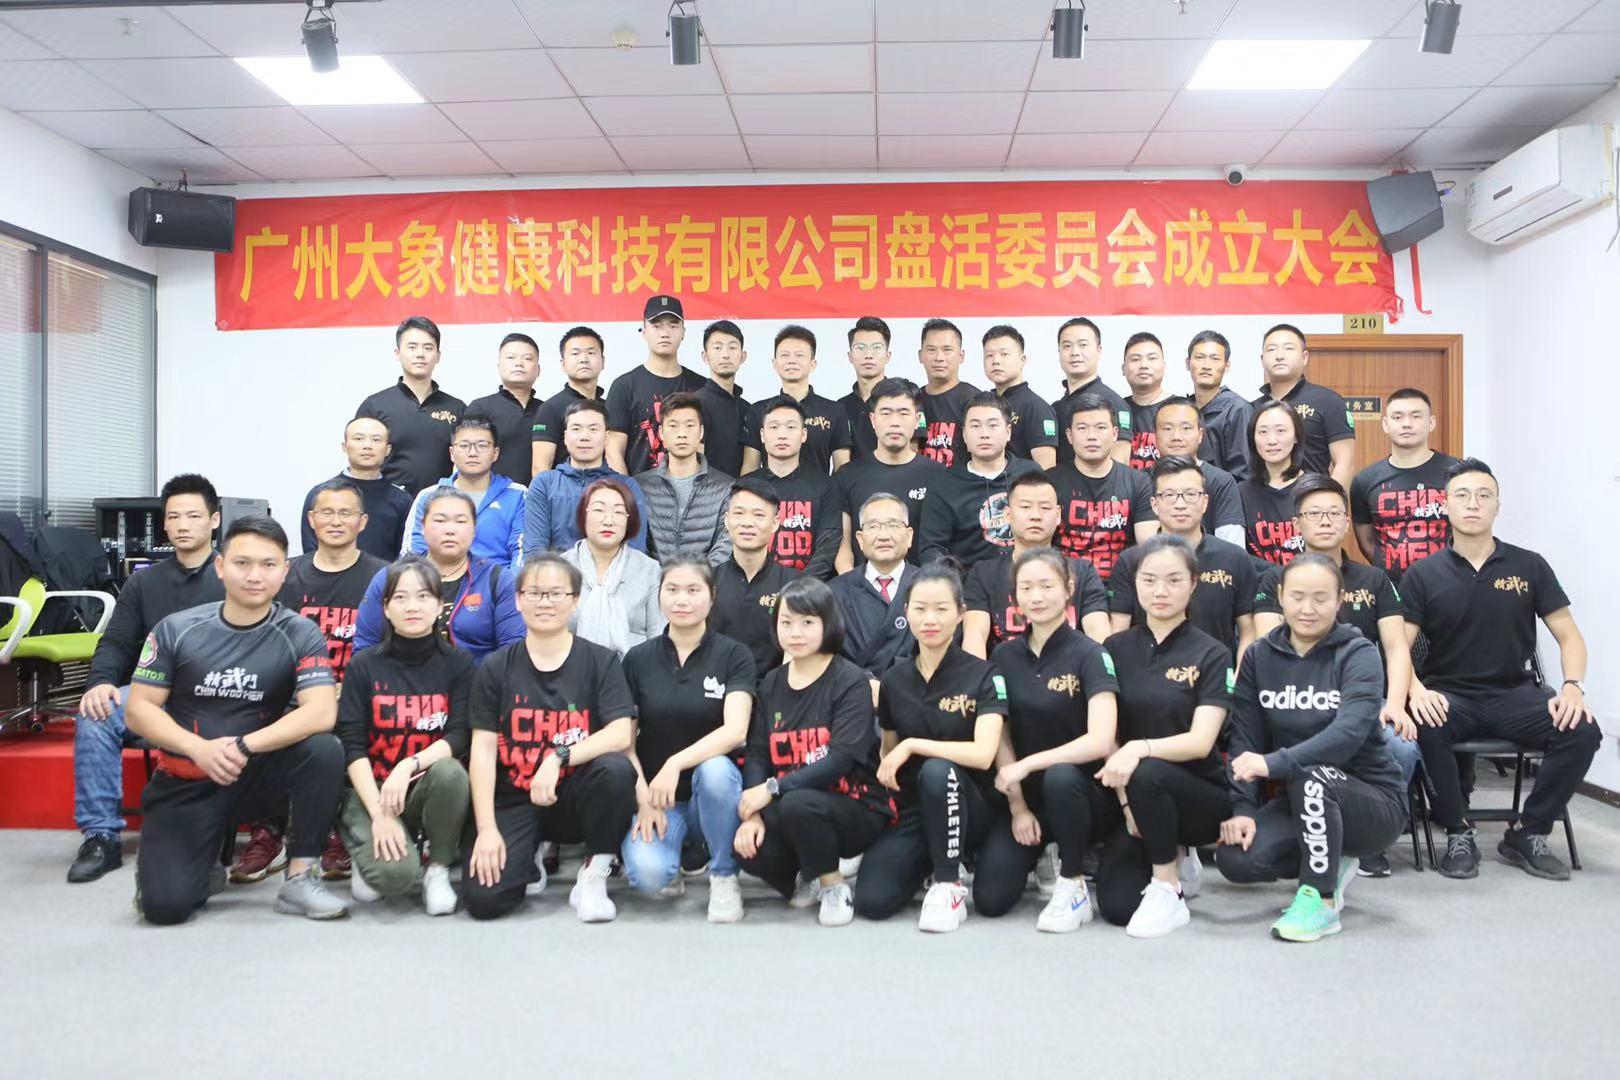 广州大象盘活委员会正式成立!中国体育产业未来可期!插图